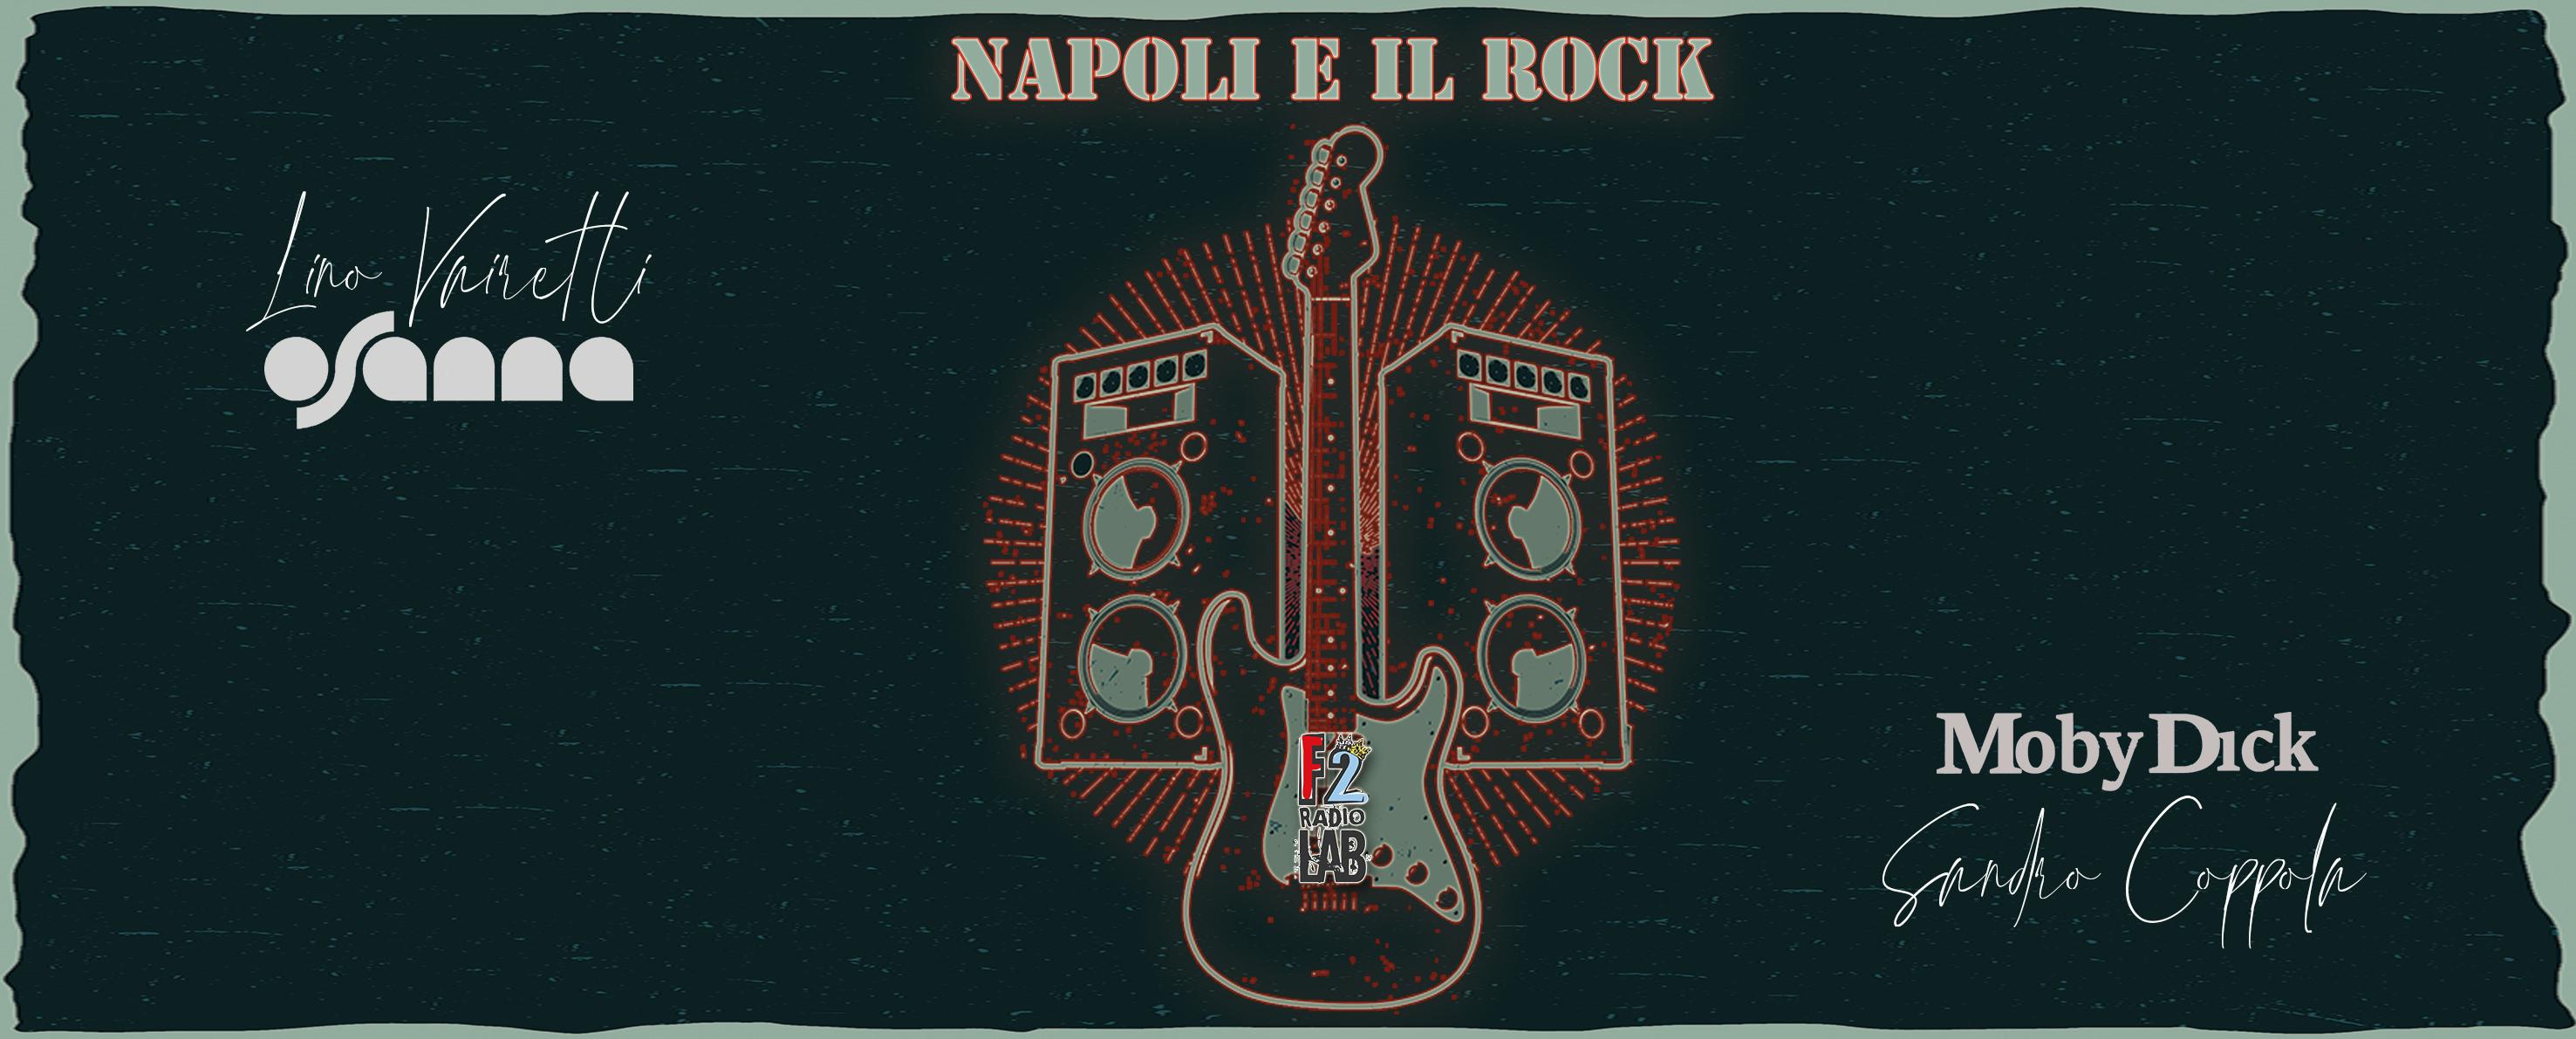 """Lino Vairetti e Sandro Coppola sono i prossimi ospiti di """"Nel corpo di Napoli"""", il format diF2 Radio Lab dedicato alla canzone napoletana. Il 14 ottobre 2021 dalle 13 Lino [...]"""